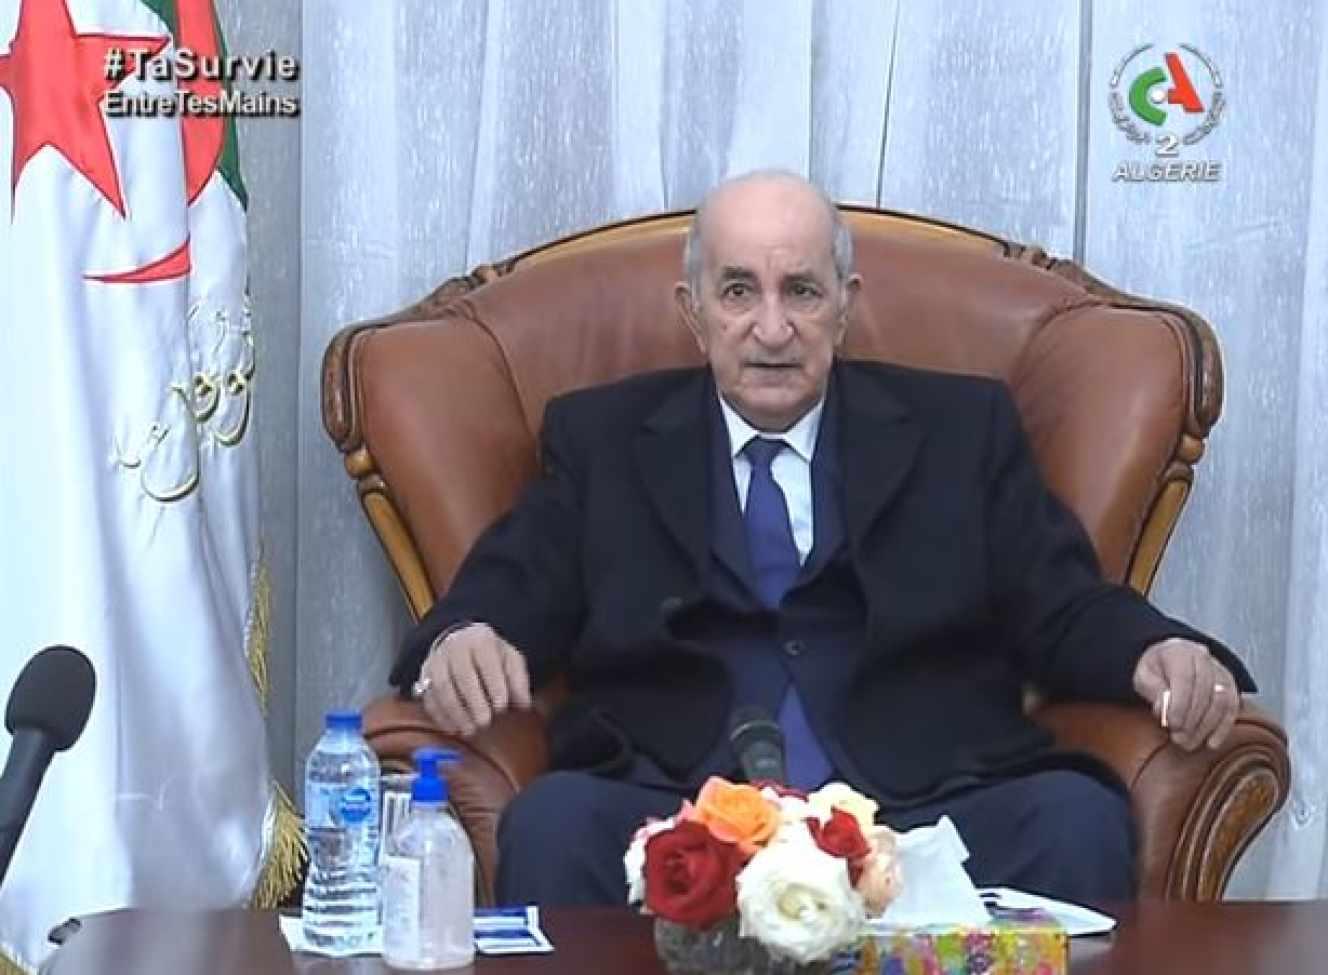 Le président algérien Tebboune en Allemagne pour un second séjour médial